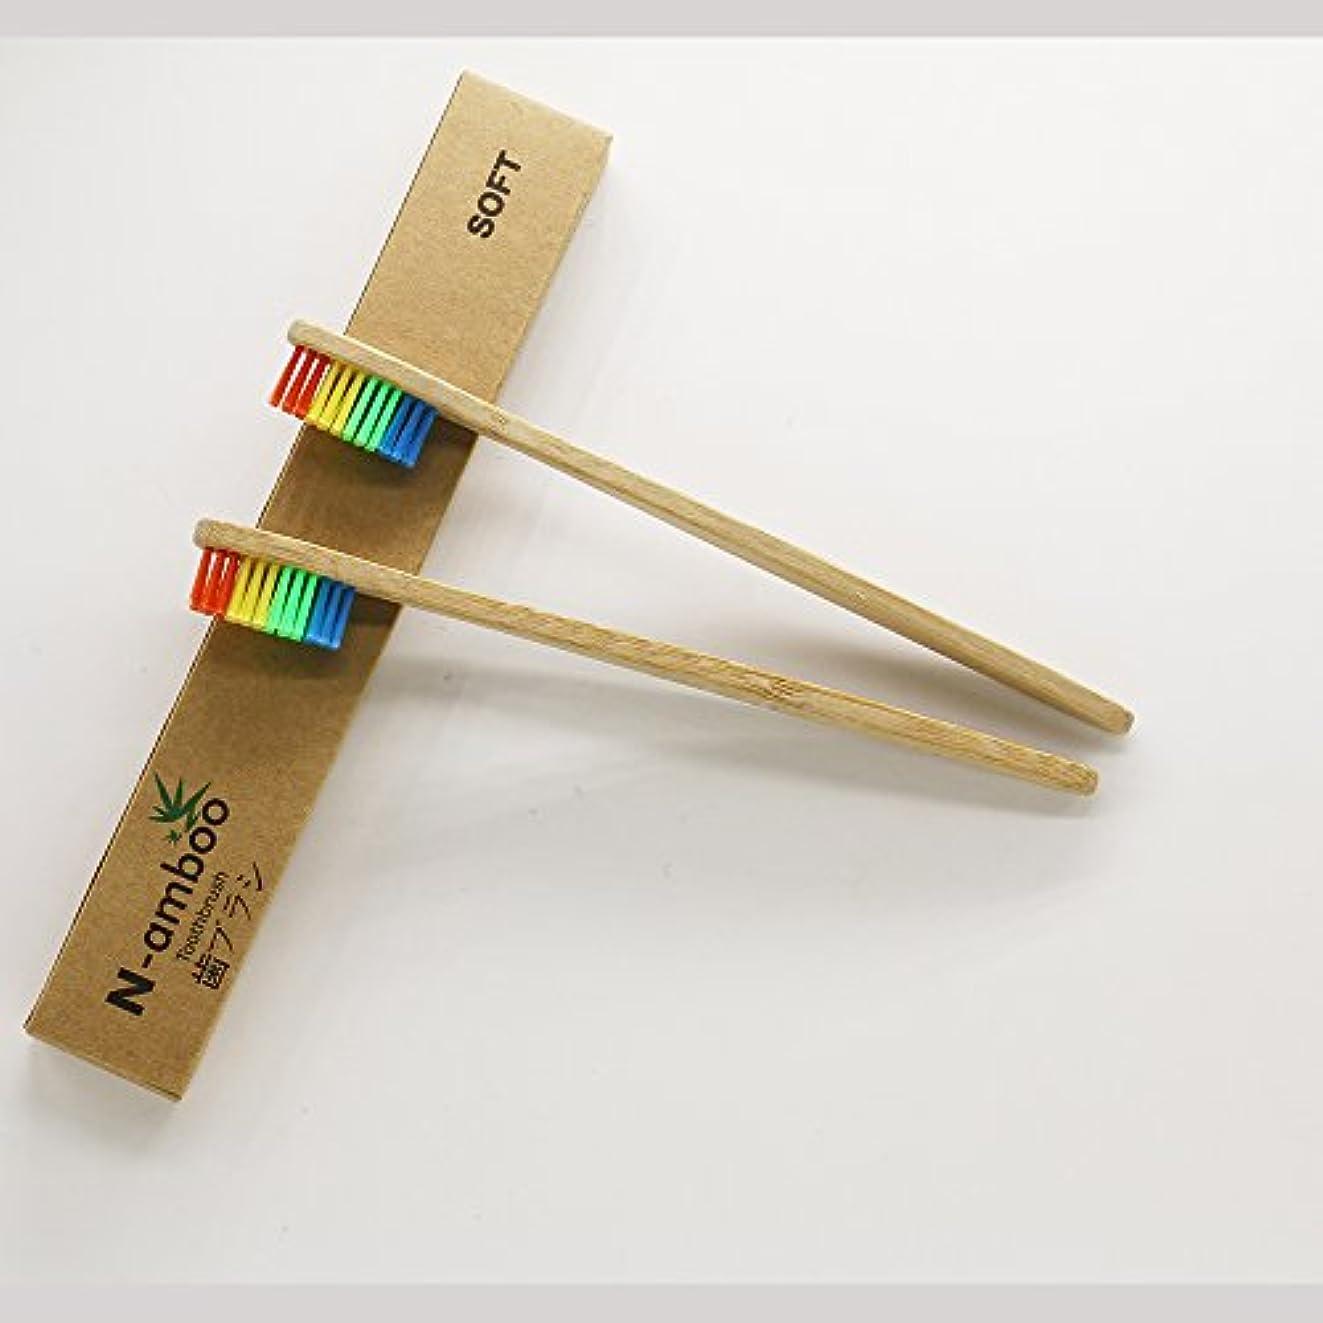 ビーチ政権メールを書くN-amboo 竹製 耐久度高い 歯ブラシ 四色 虹(にじ) 2本入り セット